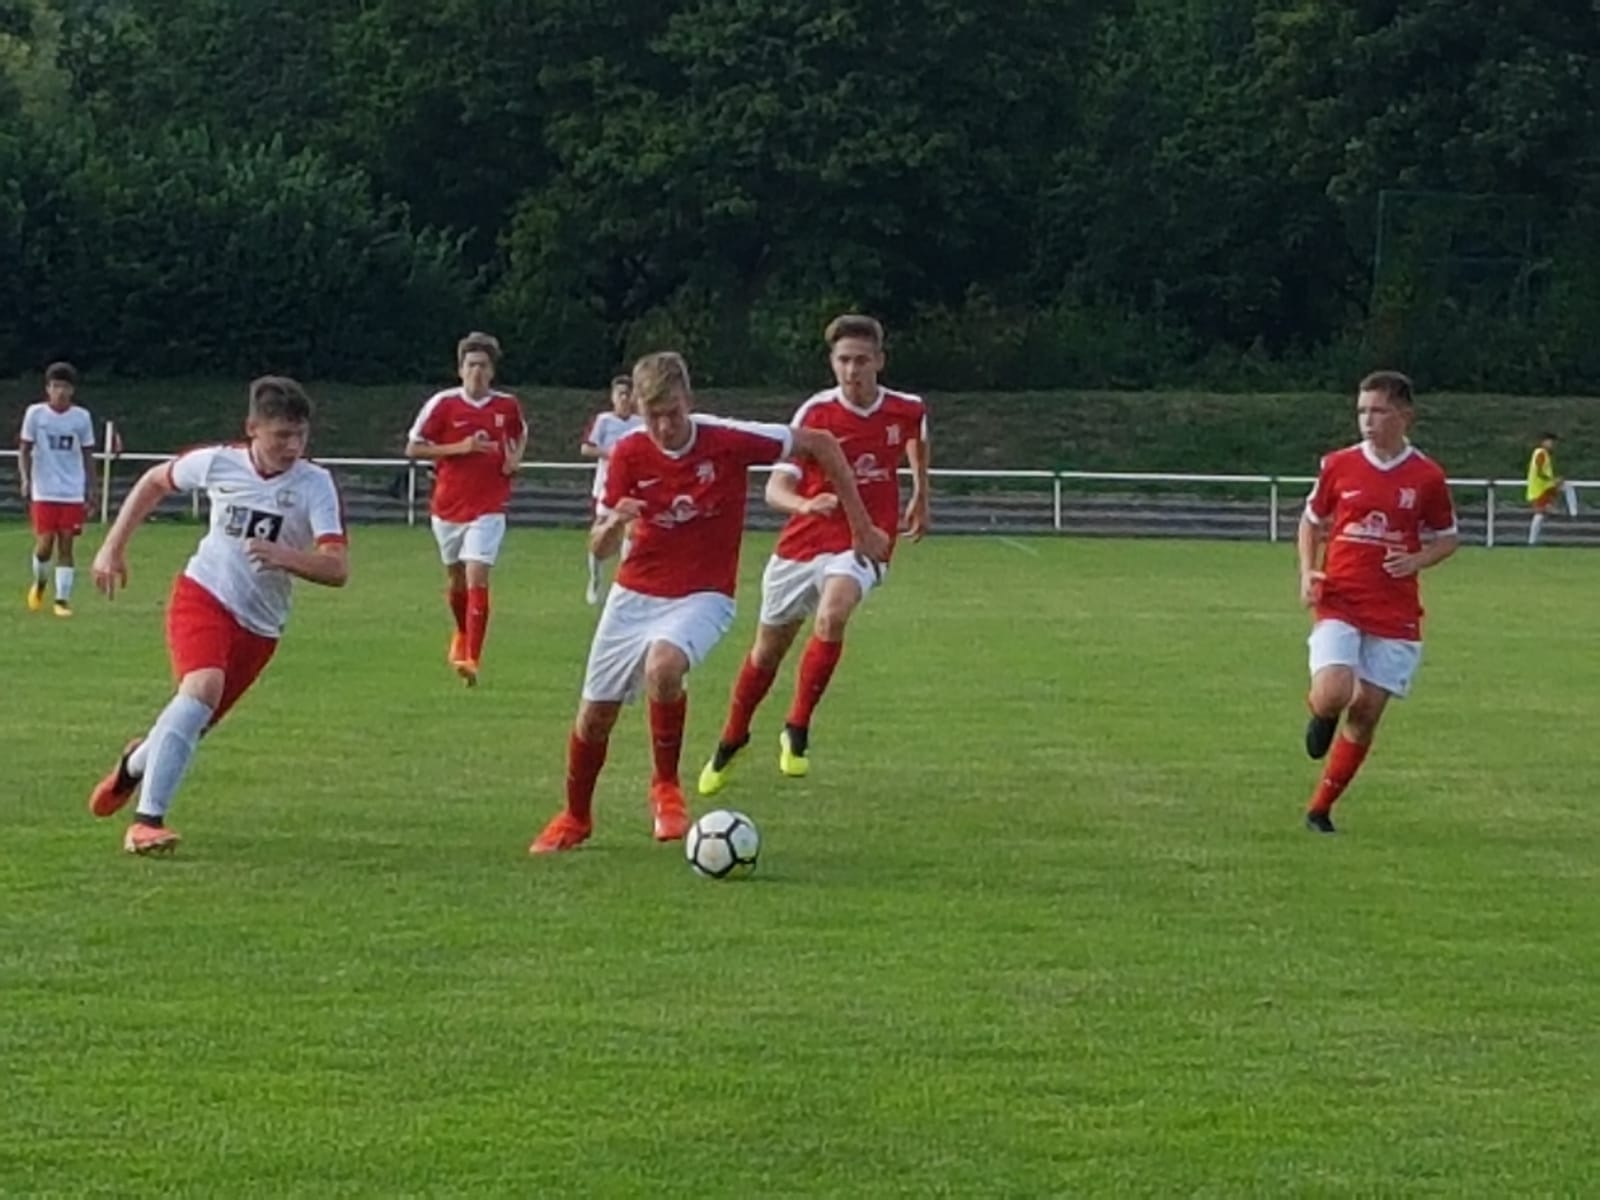 U15 - TS Ober-Roden